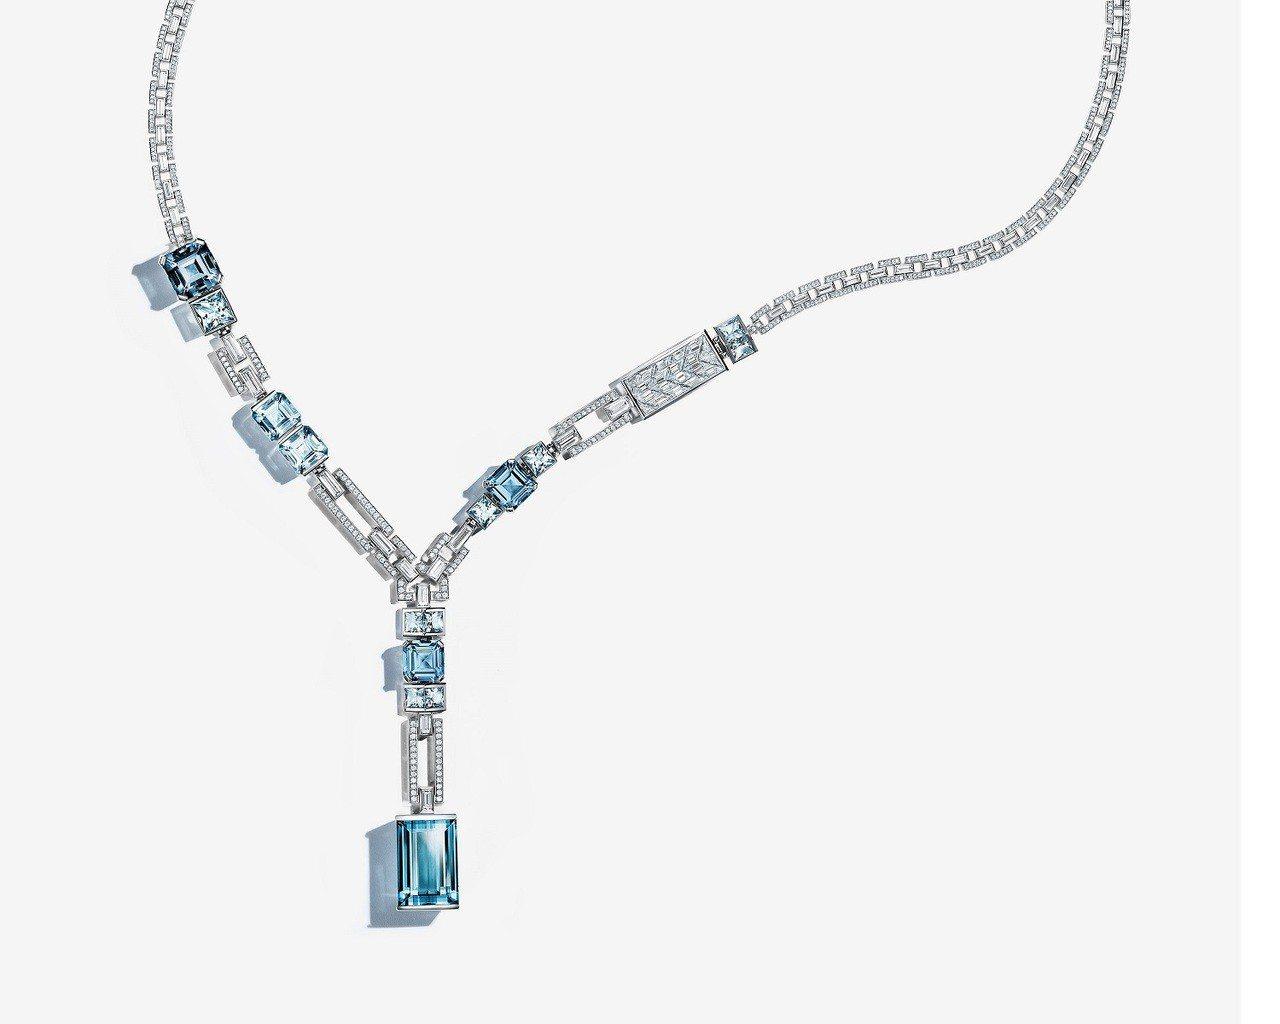 蓋兒加朵配戴的項鍊為Tiffany & Co. 2018 Blue Book高級...